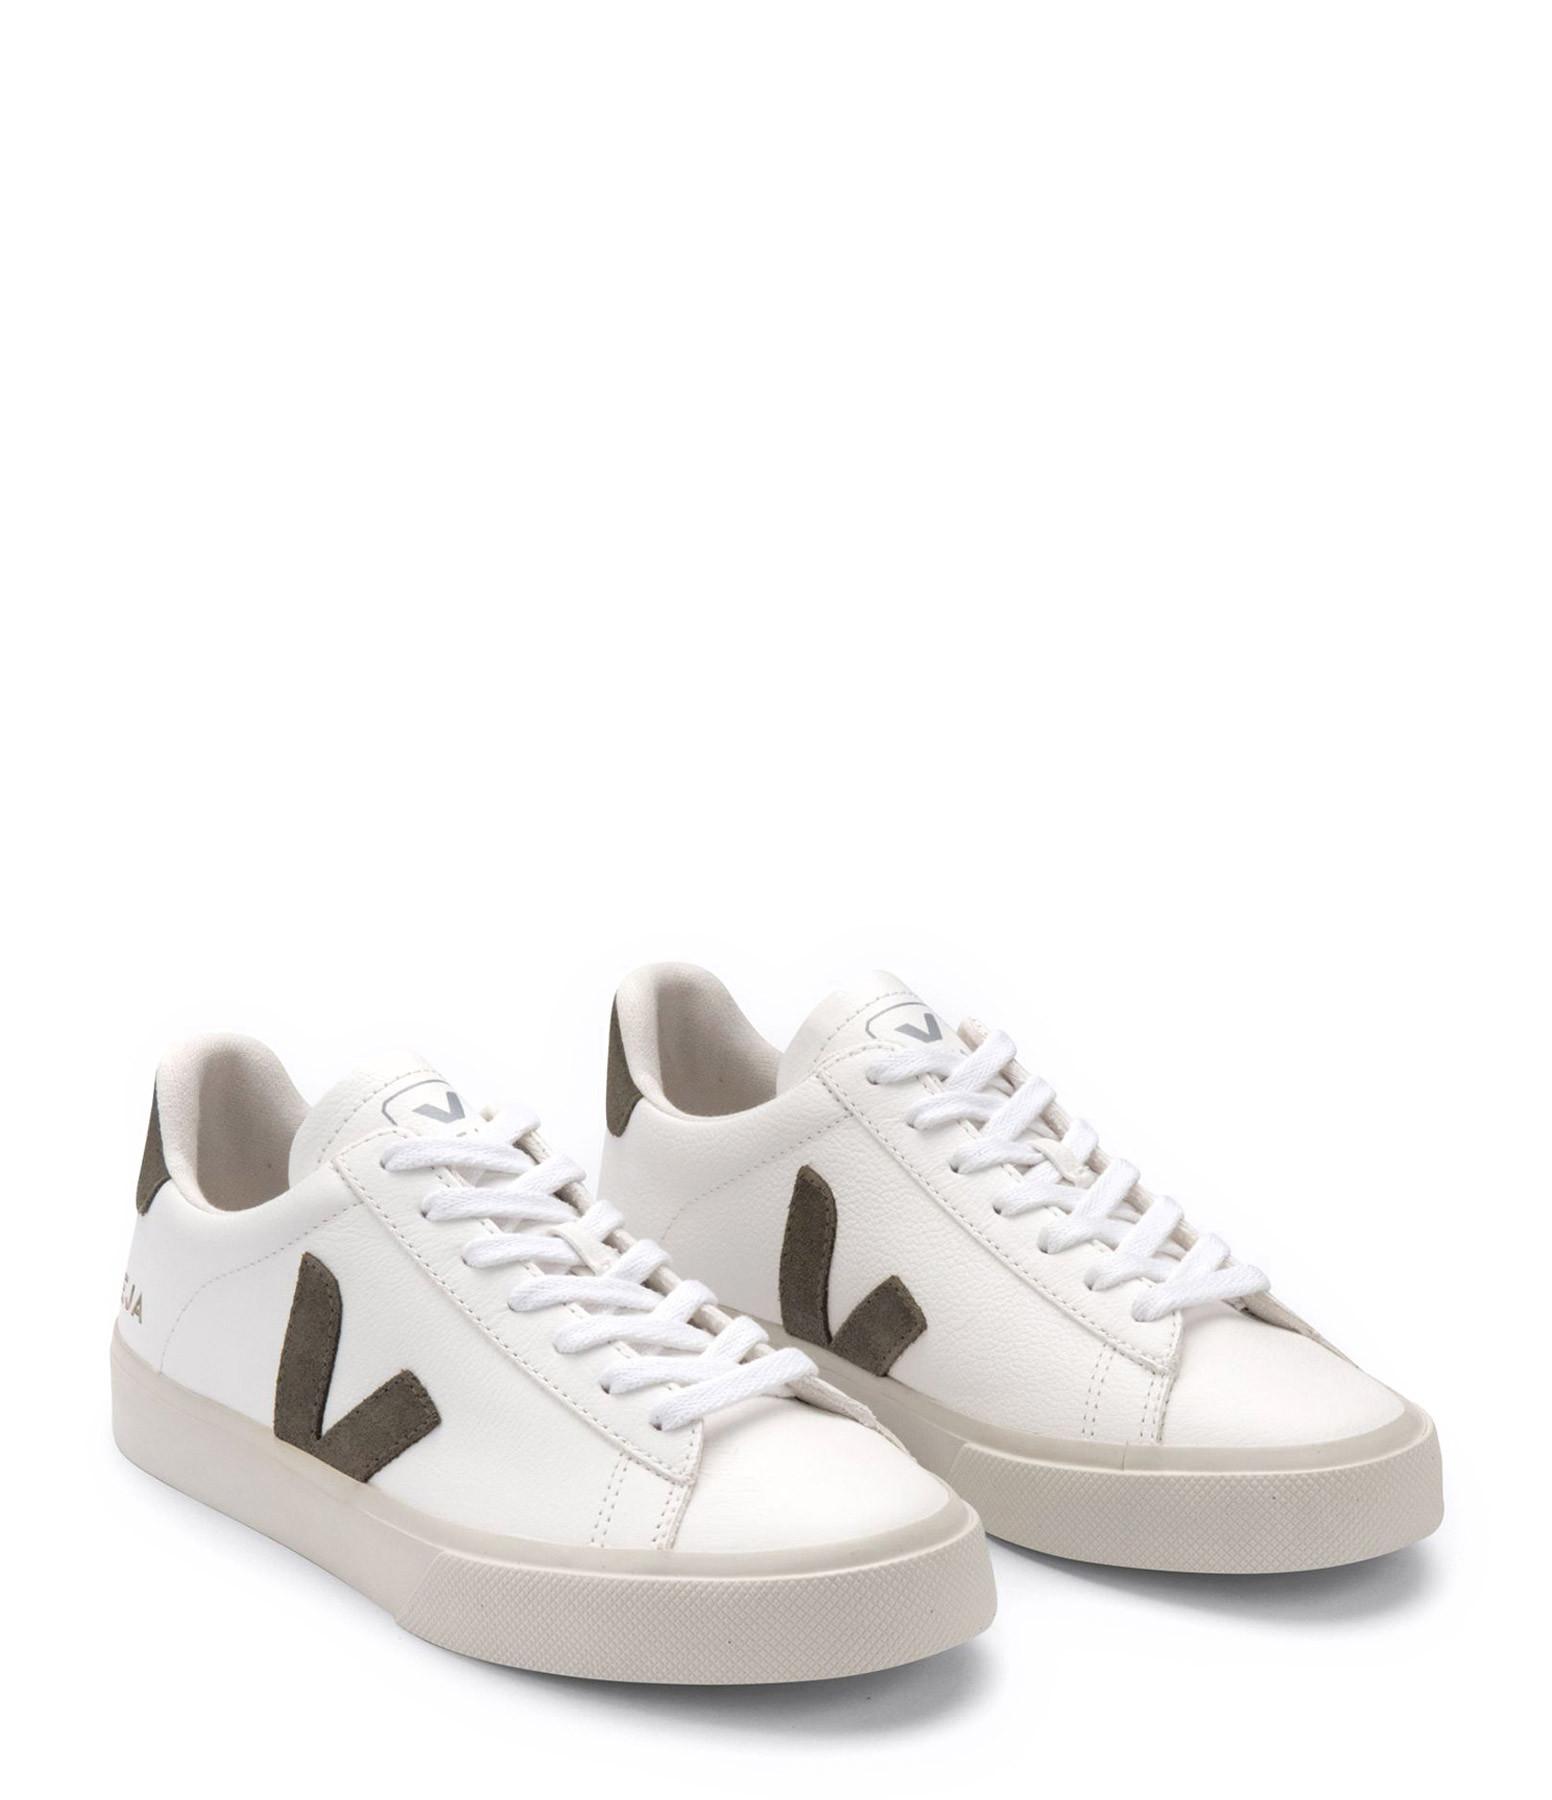 VEJA - Baskets Campo Chromefree Extra White Kaki